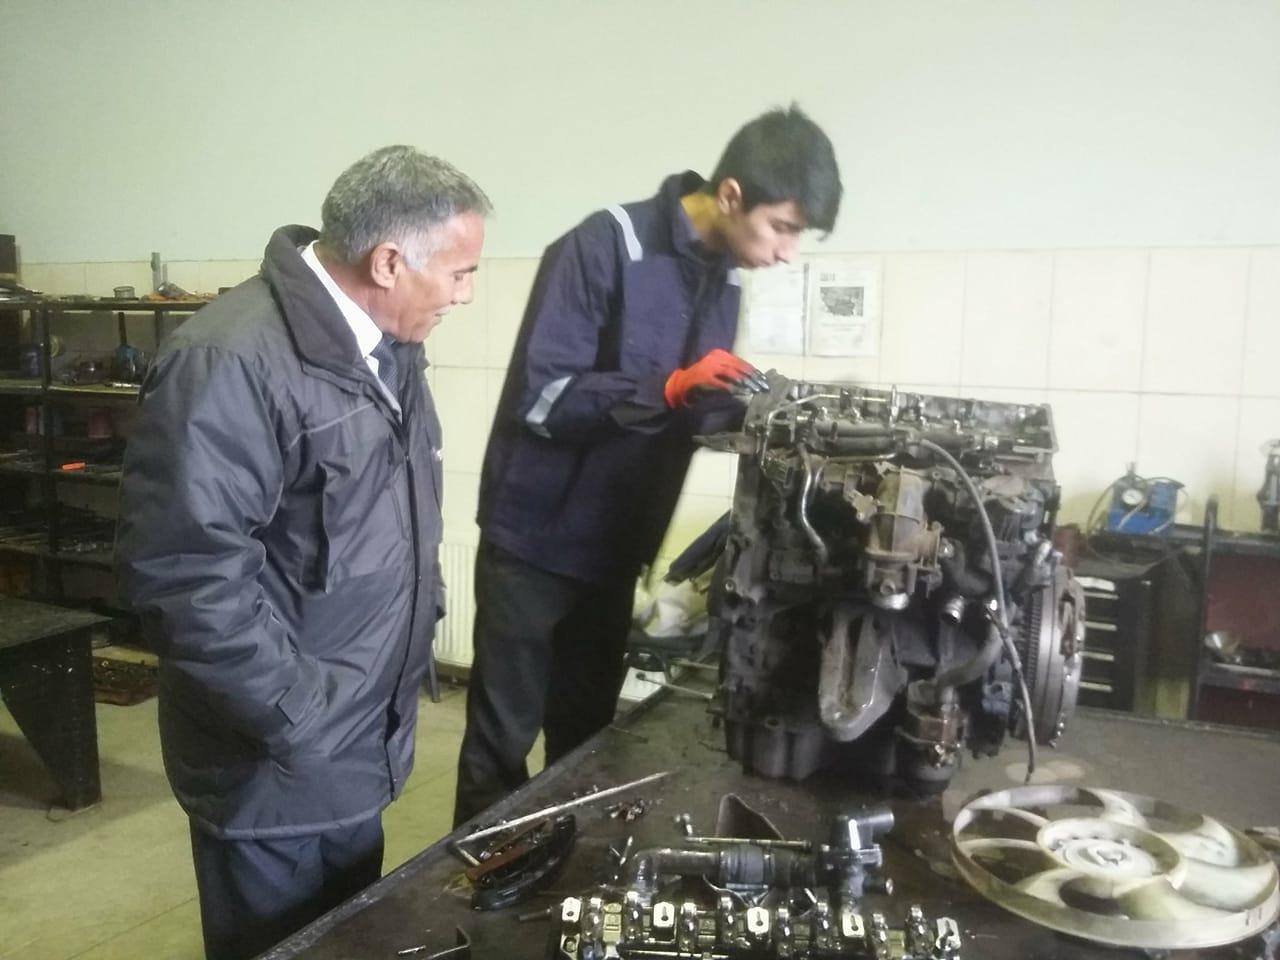 Məmmədov Akif - Qrup 64 -Socar-ın 1 və 2 Saylı Texnoloji Nəqliyyat Parkı